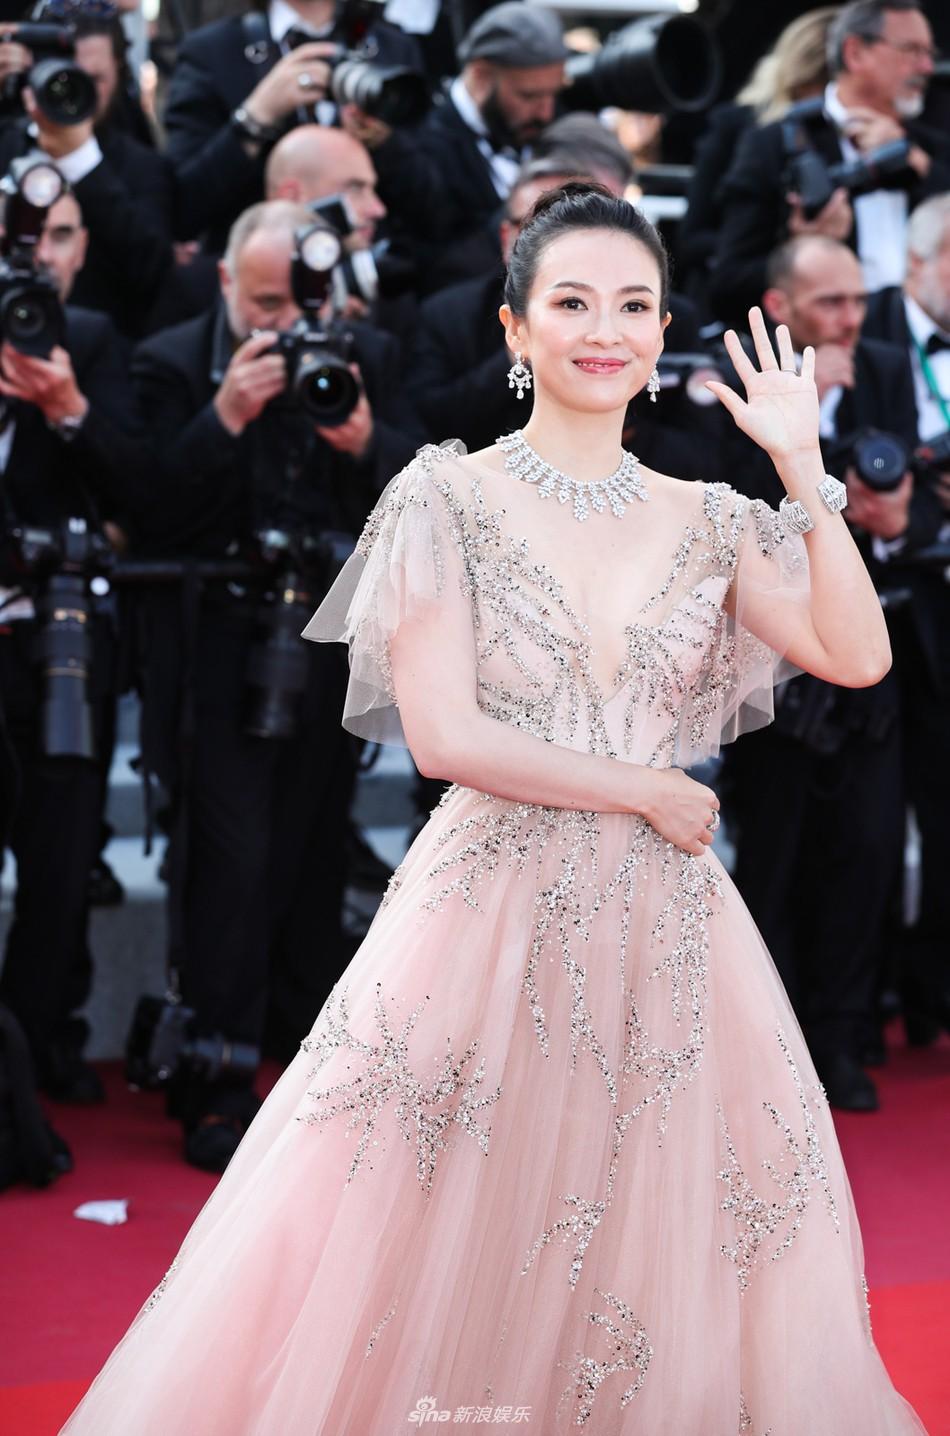 Chương Tử Di lại hút ống kính bằng vẻ đẹp không tì vết nhưng một người đẹp 50 tuổi khác cũng gây chú ý không kém trong ngày bế mạc Cannes - Ảnh 2.